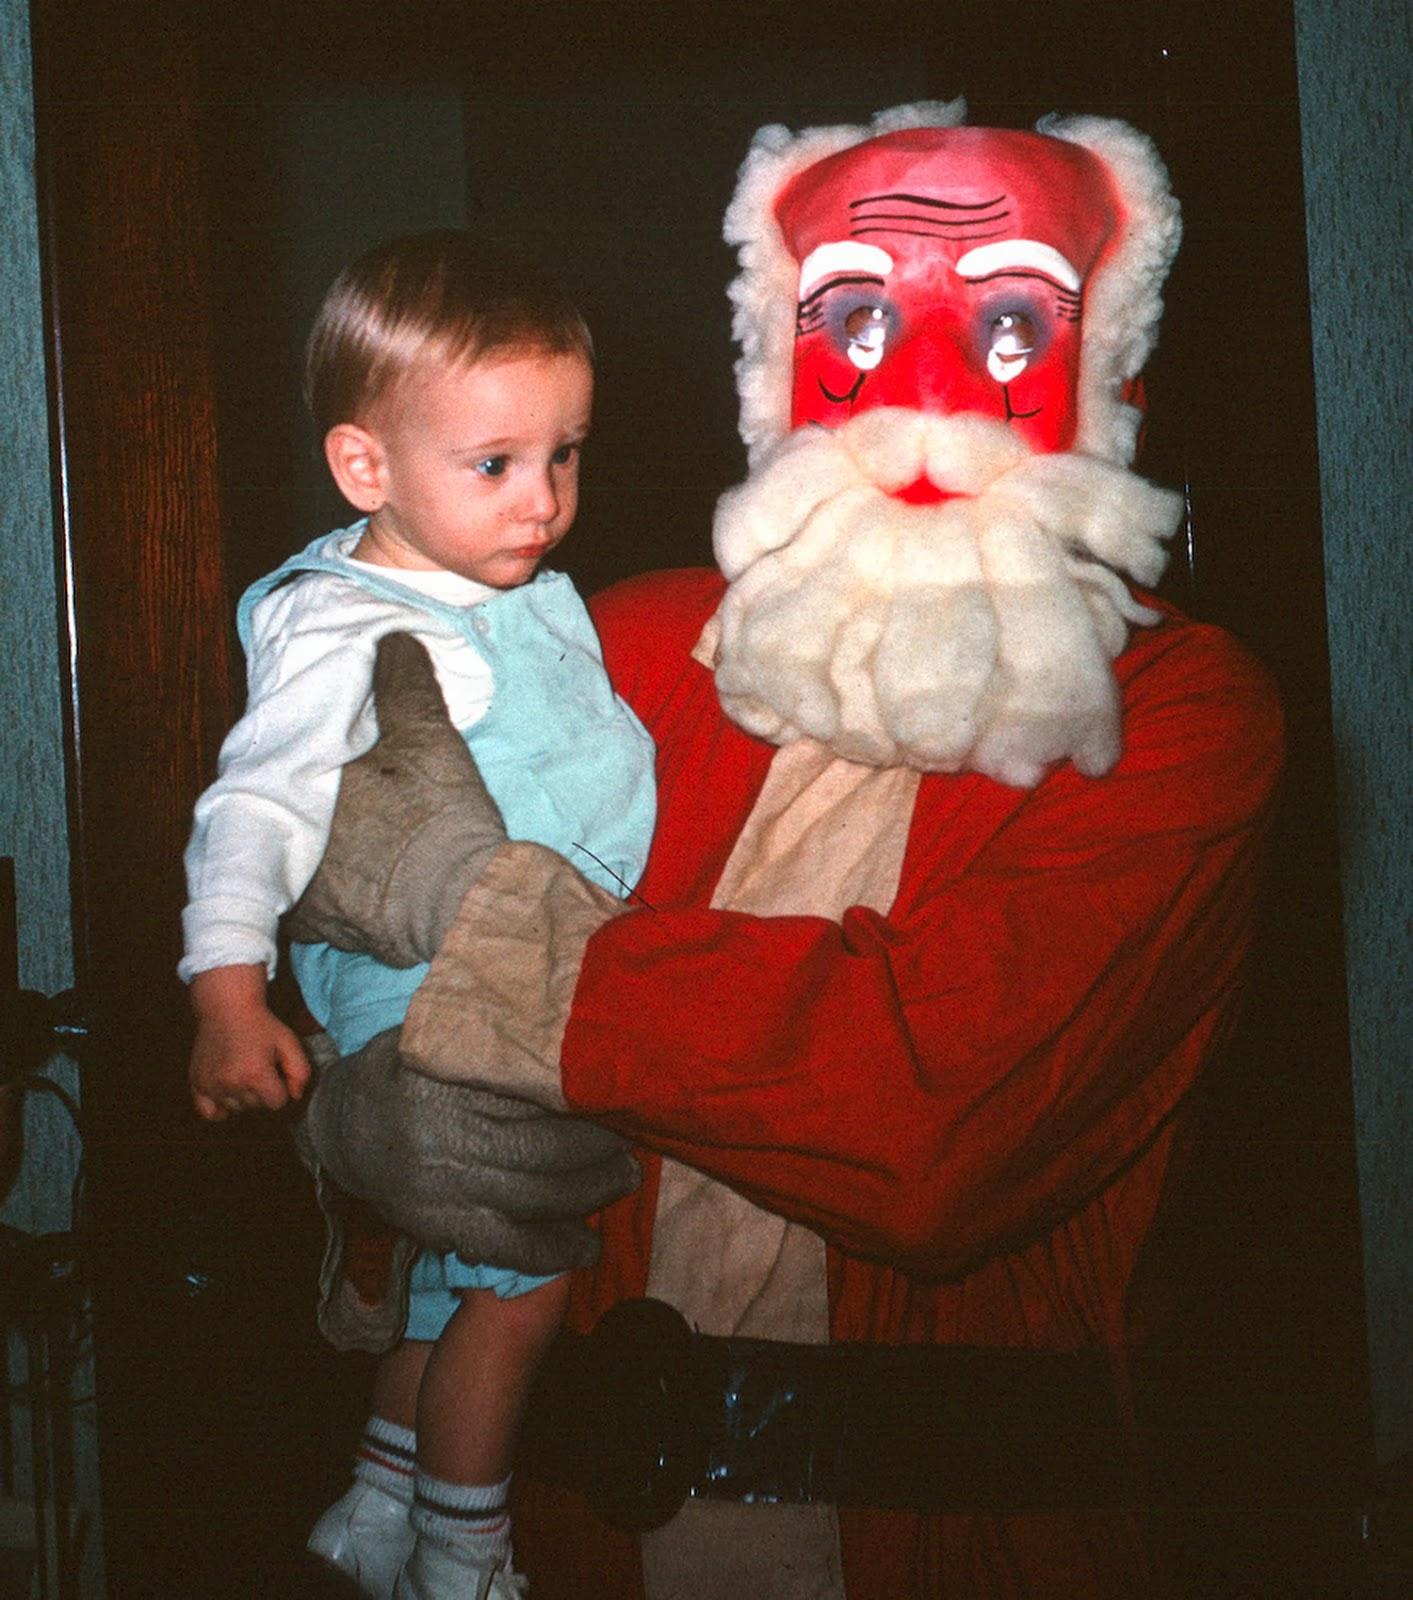 7 Sosok Seram Dari Santa Claus Yang Bikin Merinding Fakta Unik